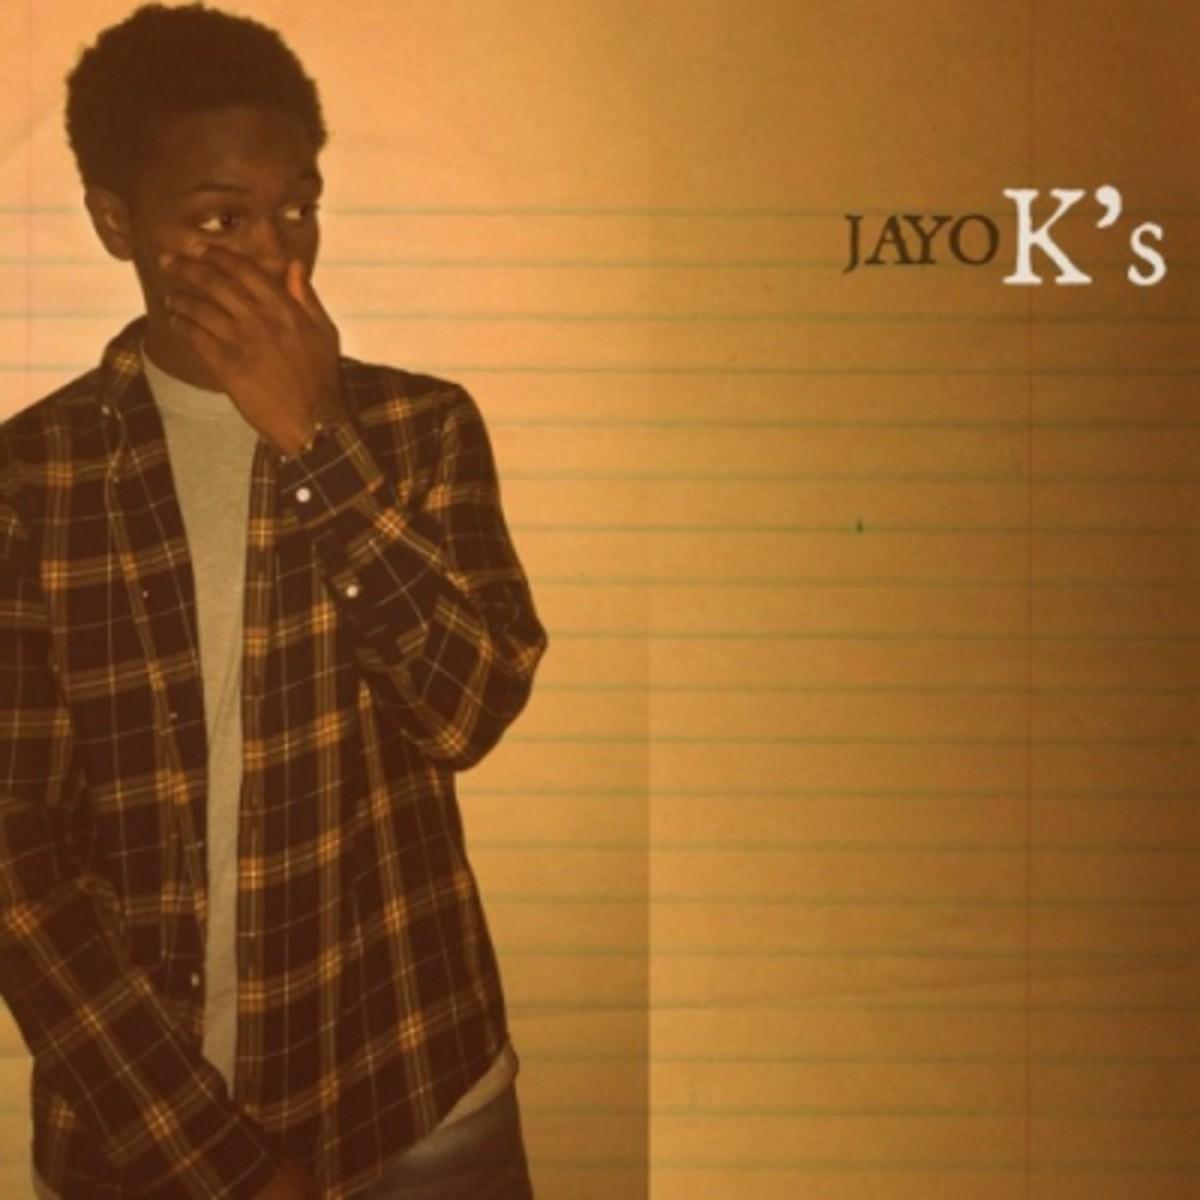 jayo-ks.jpg